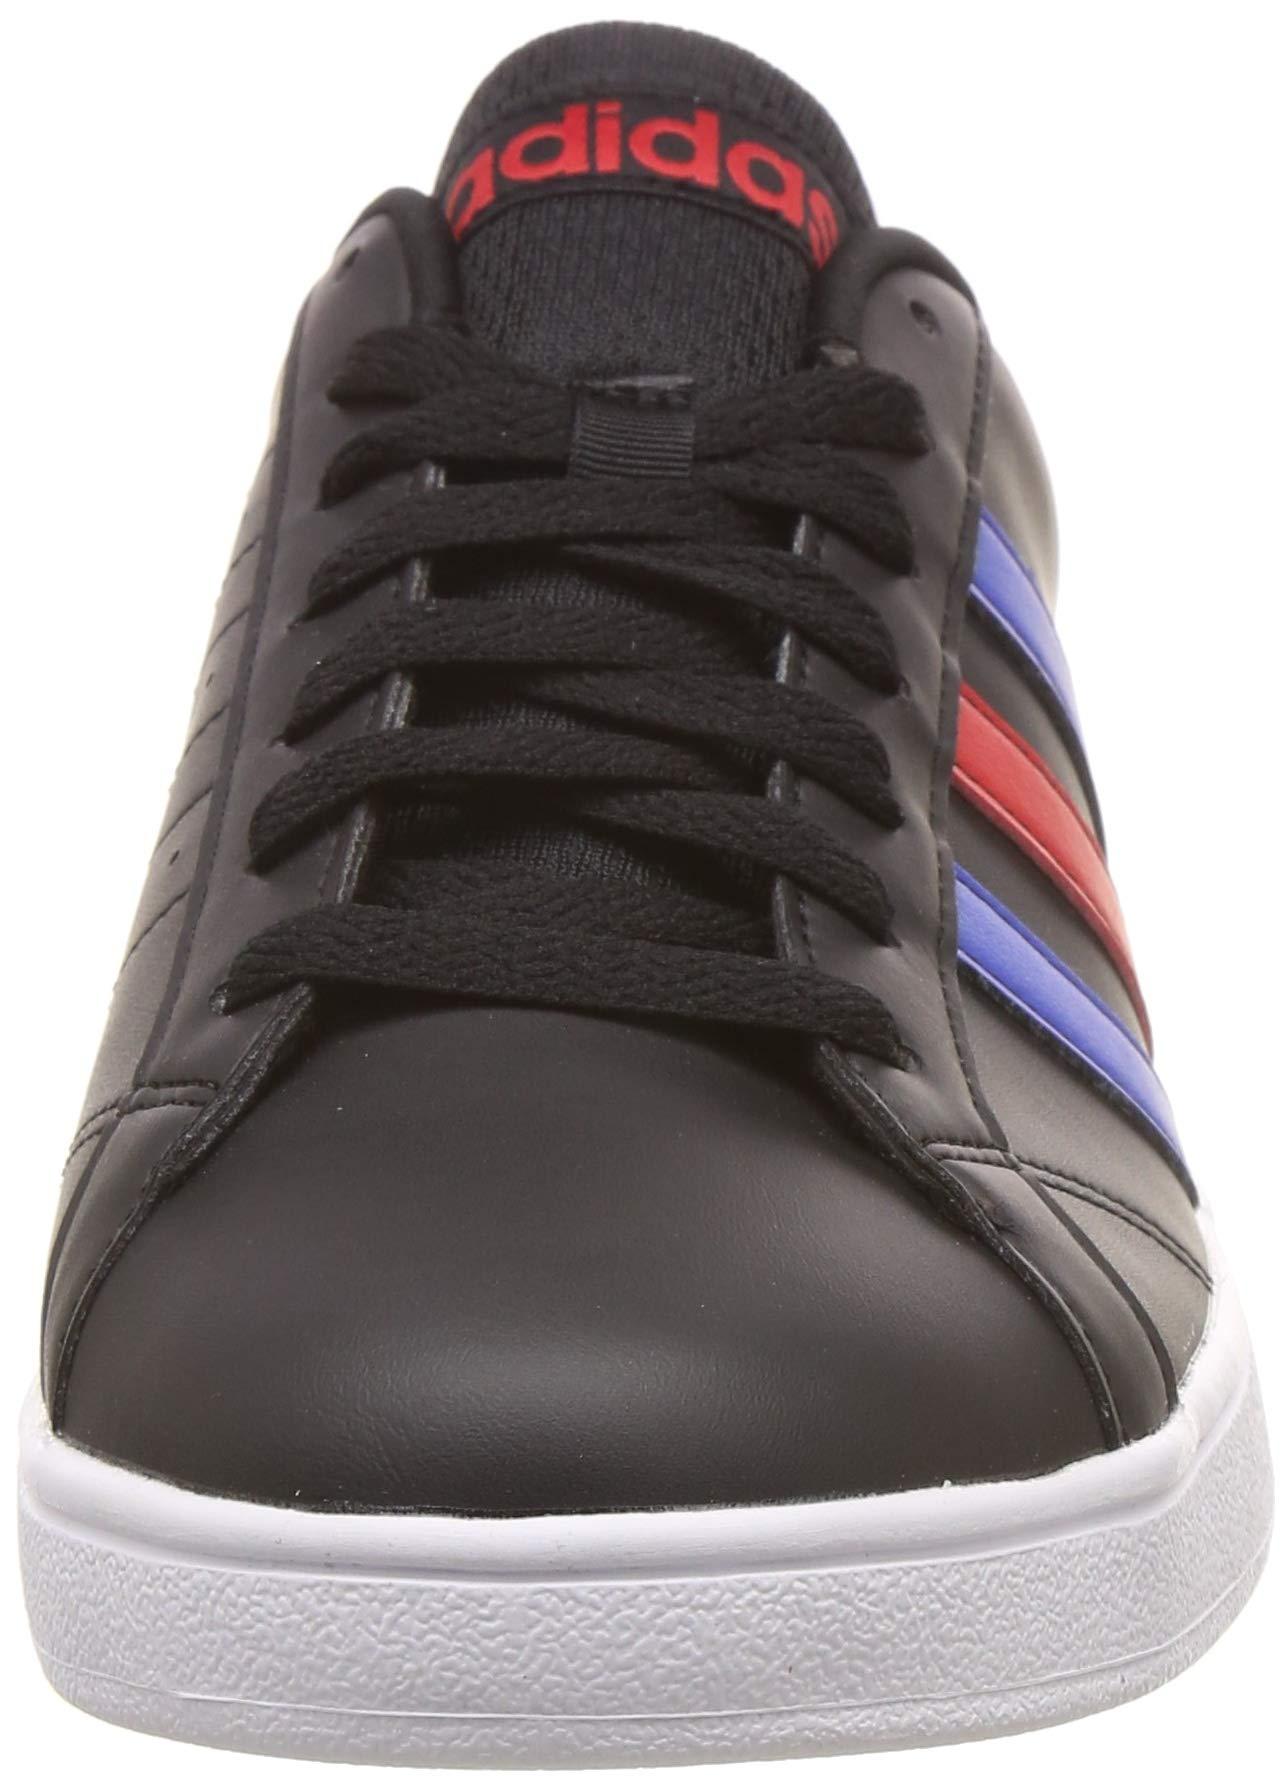 official photos 489b7 407a4 adidas VS Advantage Scarpe da ginnastica, Uomo – Spesavip